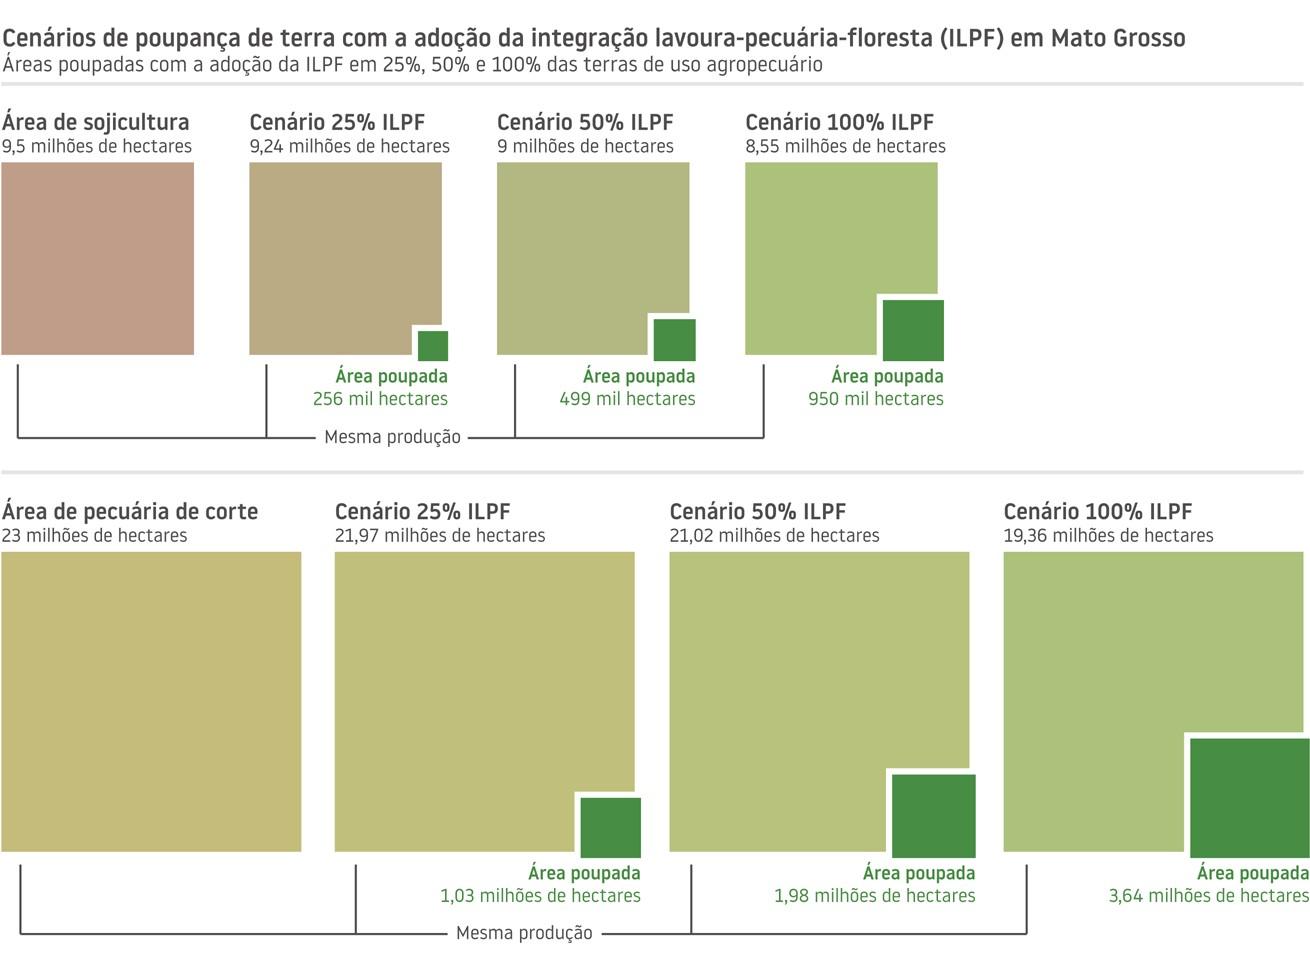 Embrapa-ILPF-Gráfico (Foto: Divulgação/Embrapa)